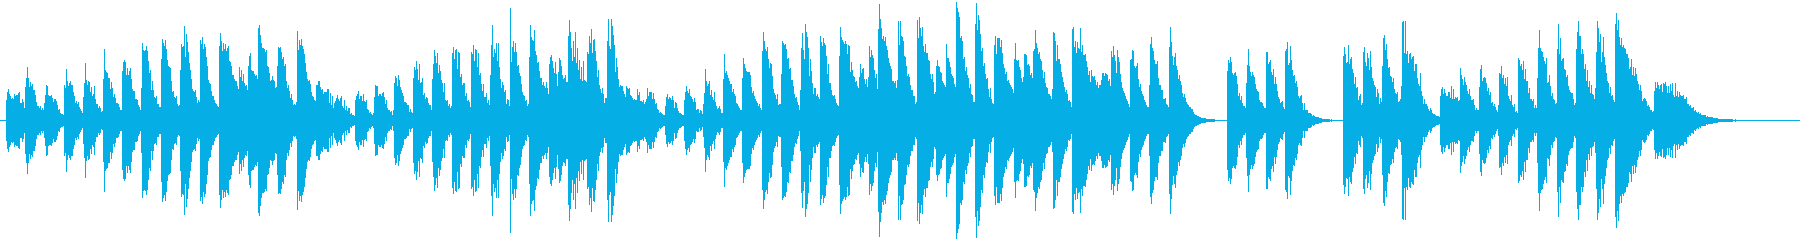 活動的なメロディの陽気な春ピアノジングルの再生済みの波形